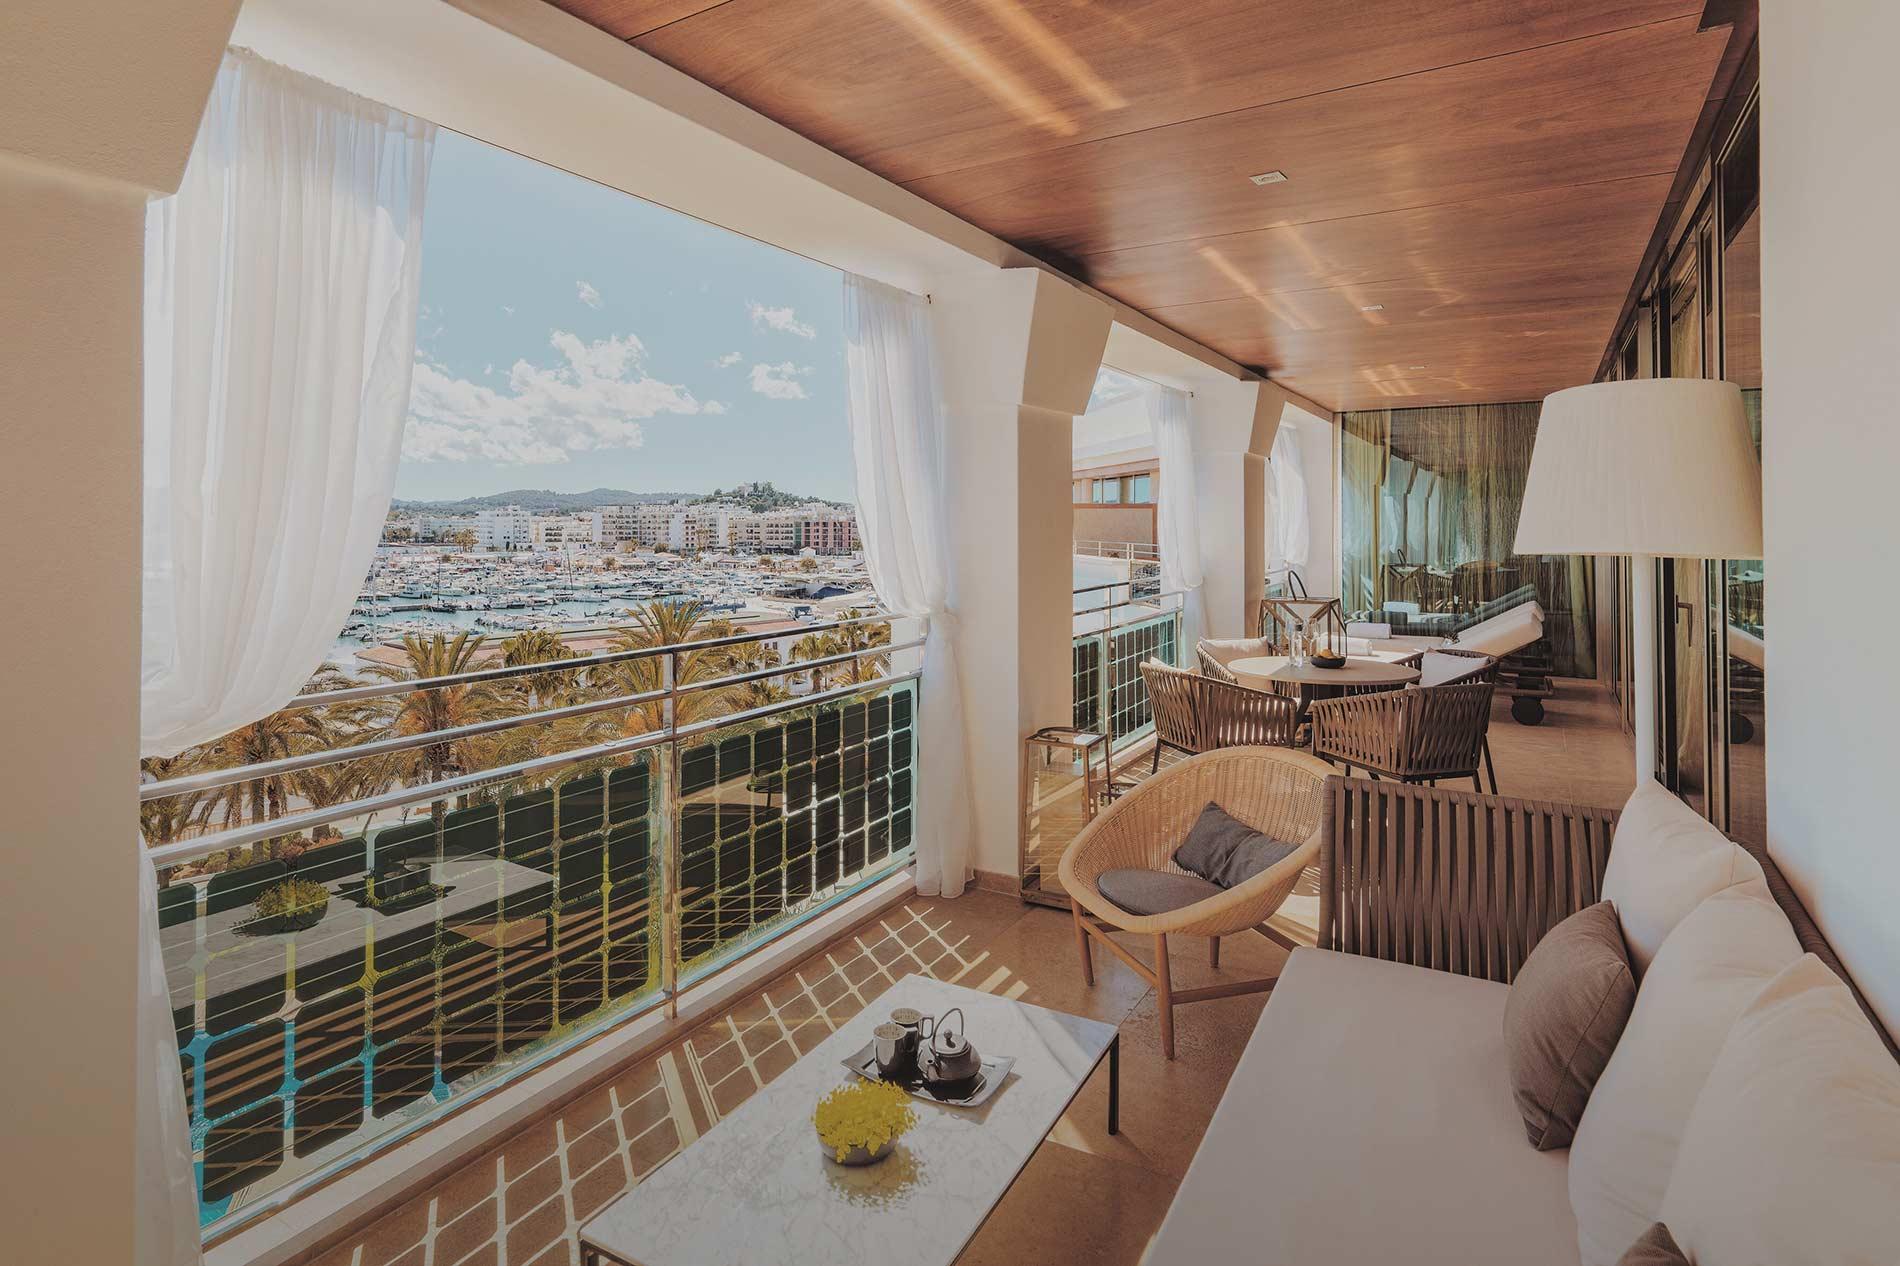 aguasdeibiza-habitacion-presidencial-suite-001-w2